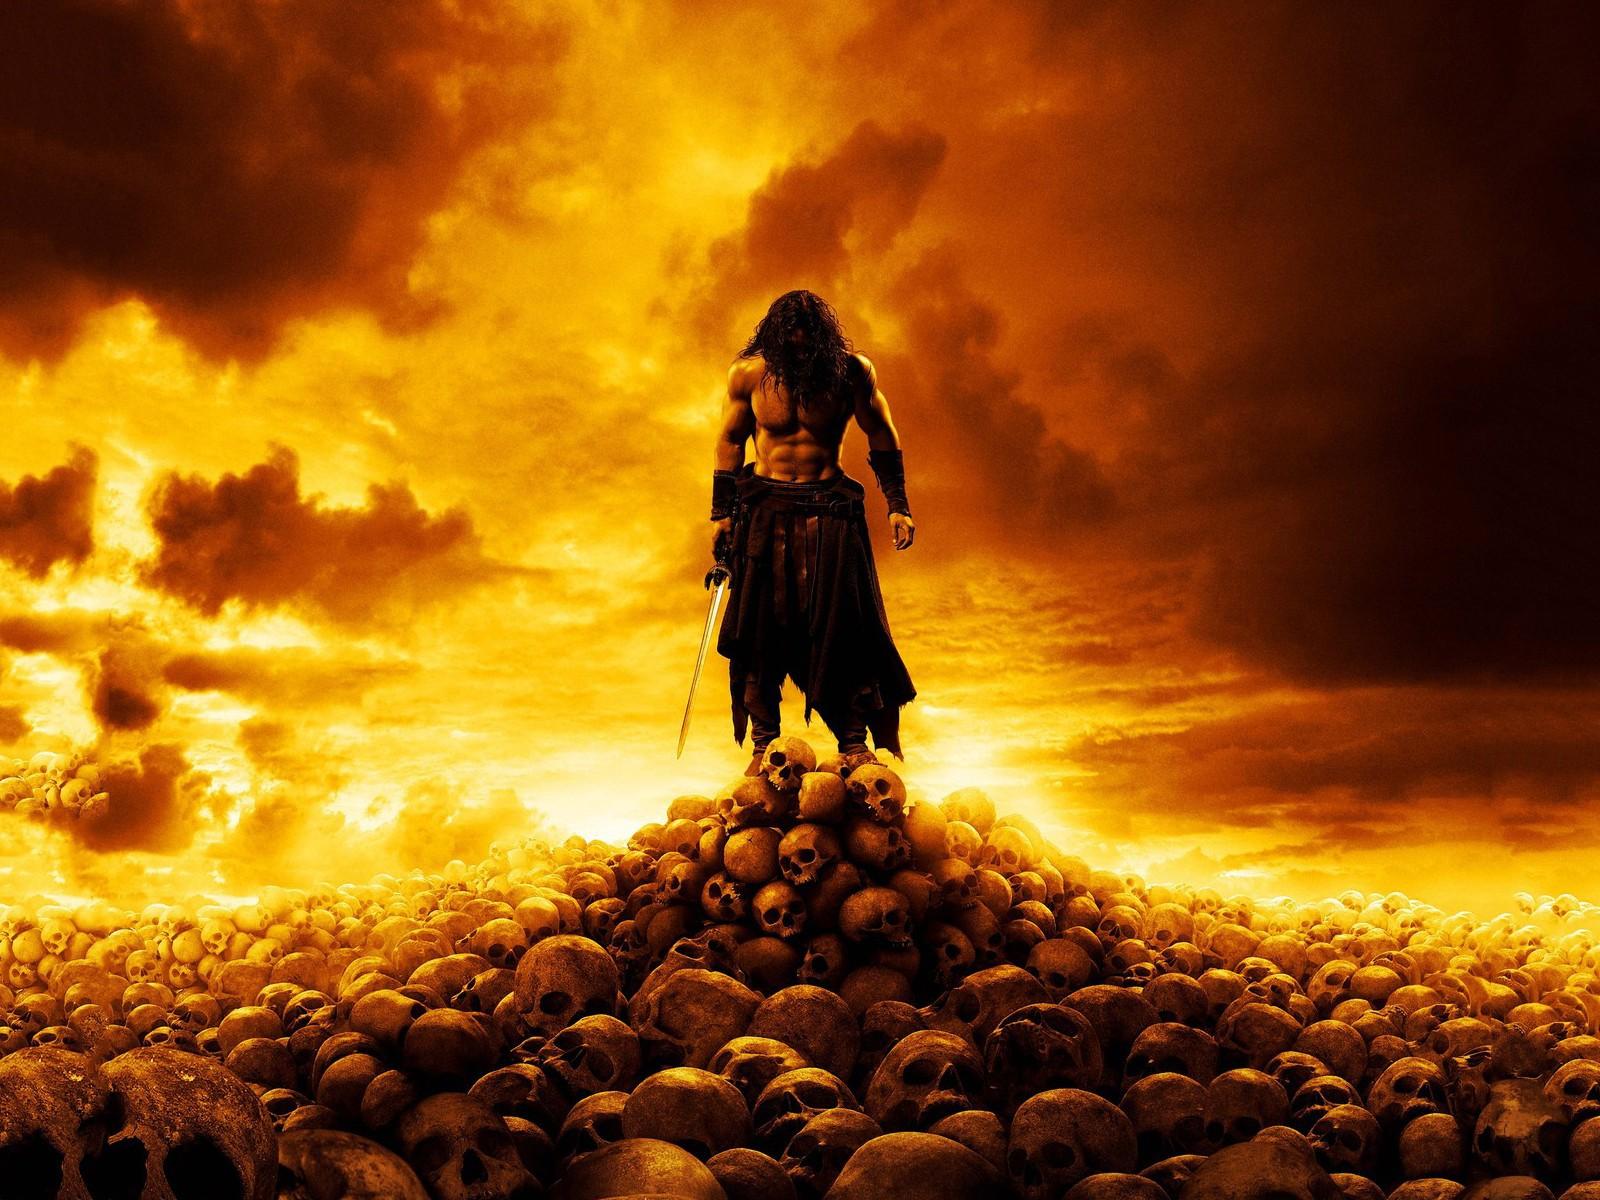 393421_141659312393_Movies_Warrior_on_the_mountain_of_skulls_081288_.jpg